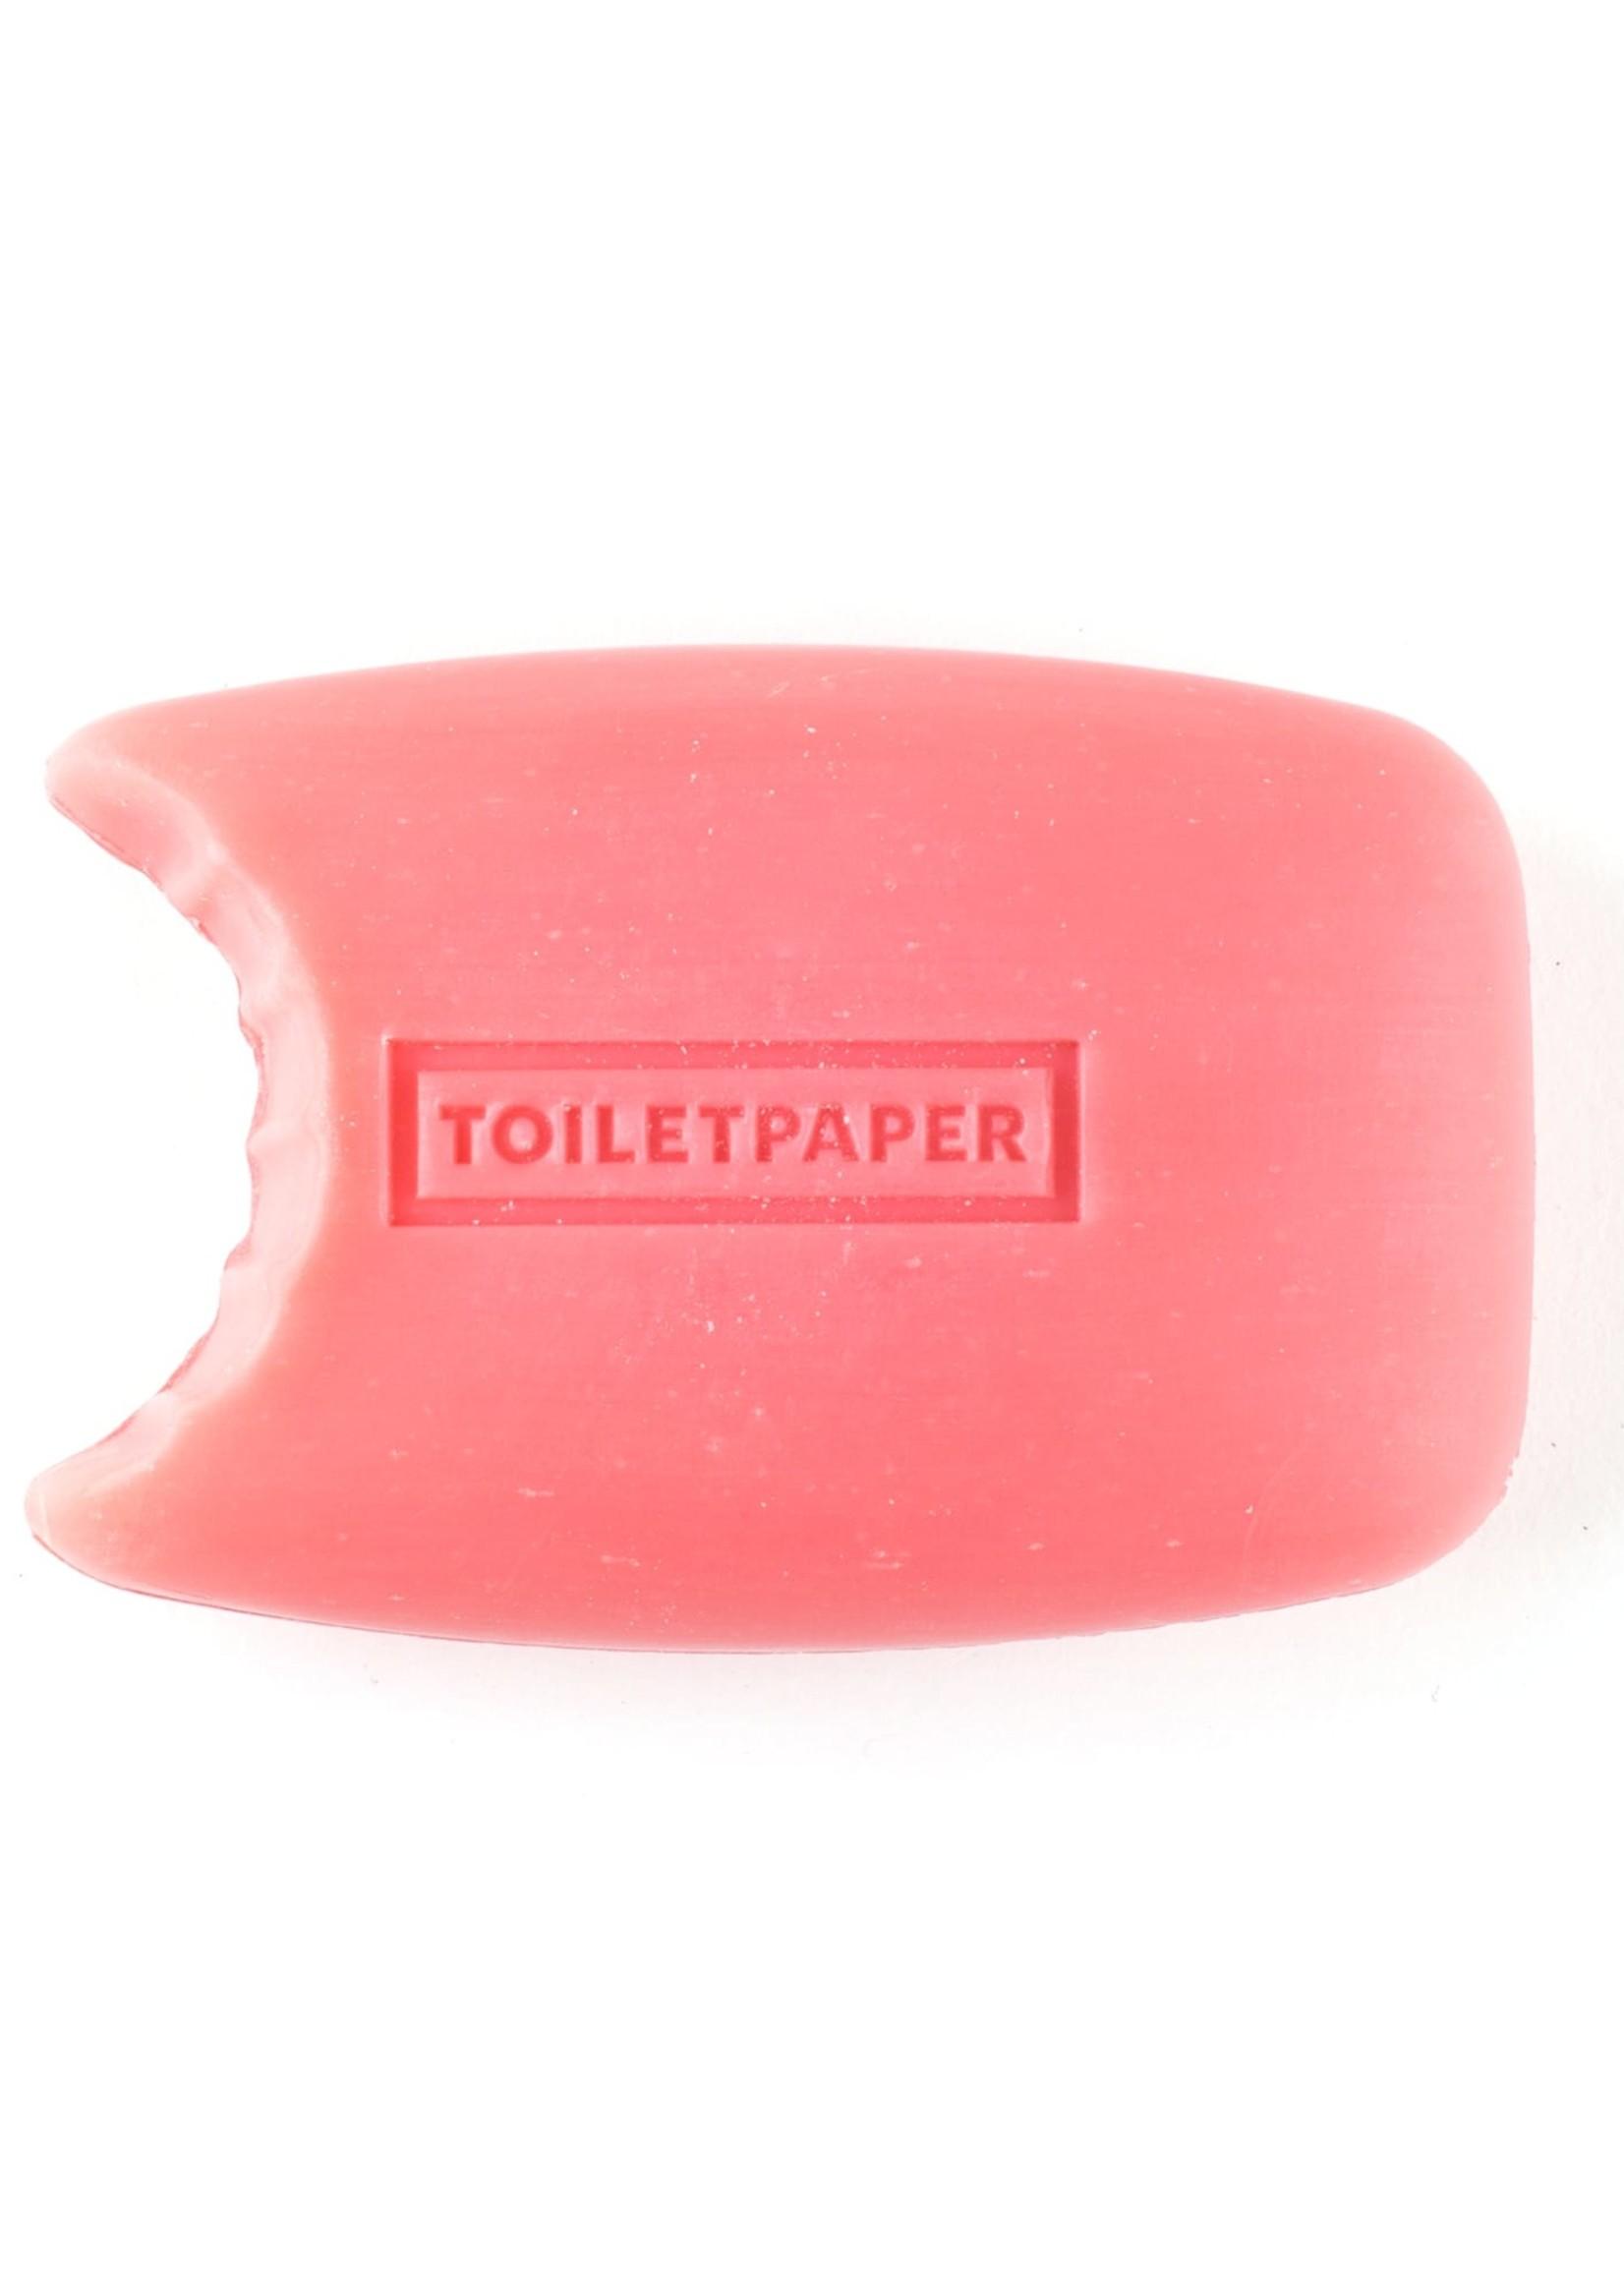 """Seletti """"TOILETPAPER"""" SOAP Cm. 8x6 h.3"""